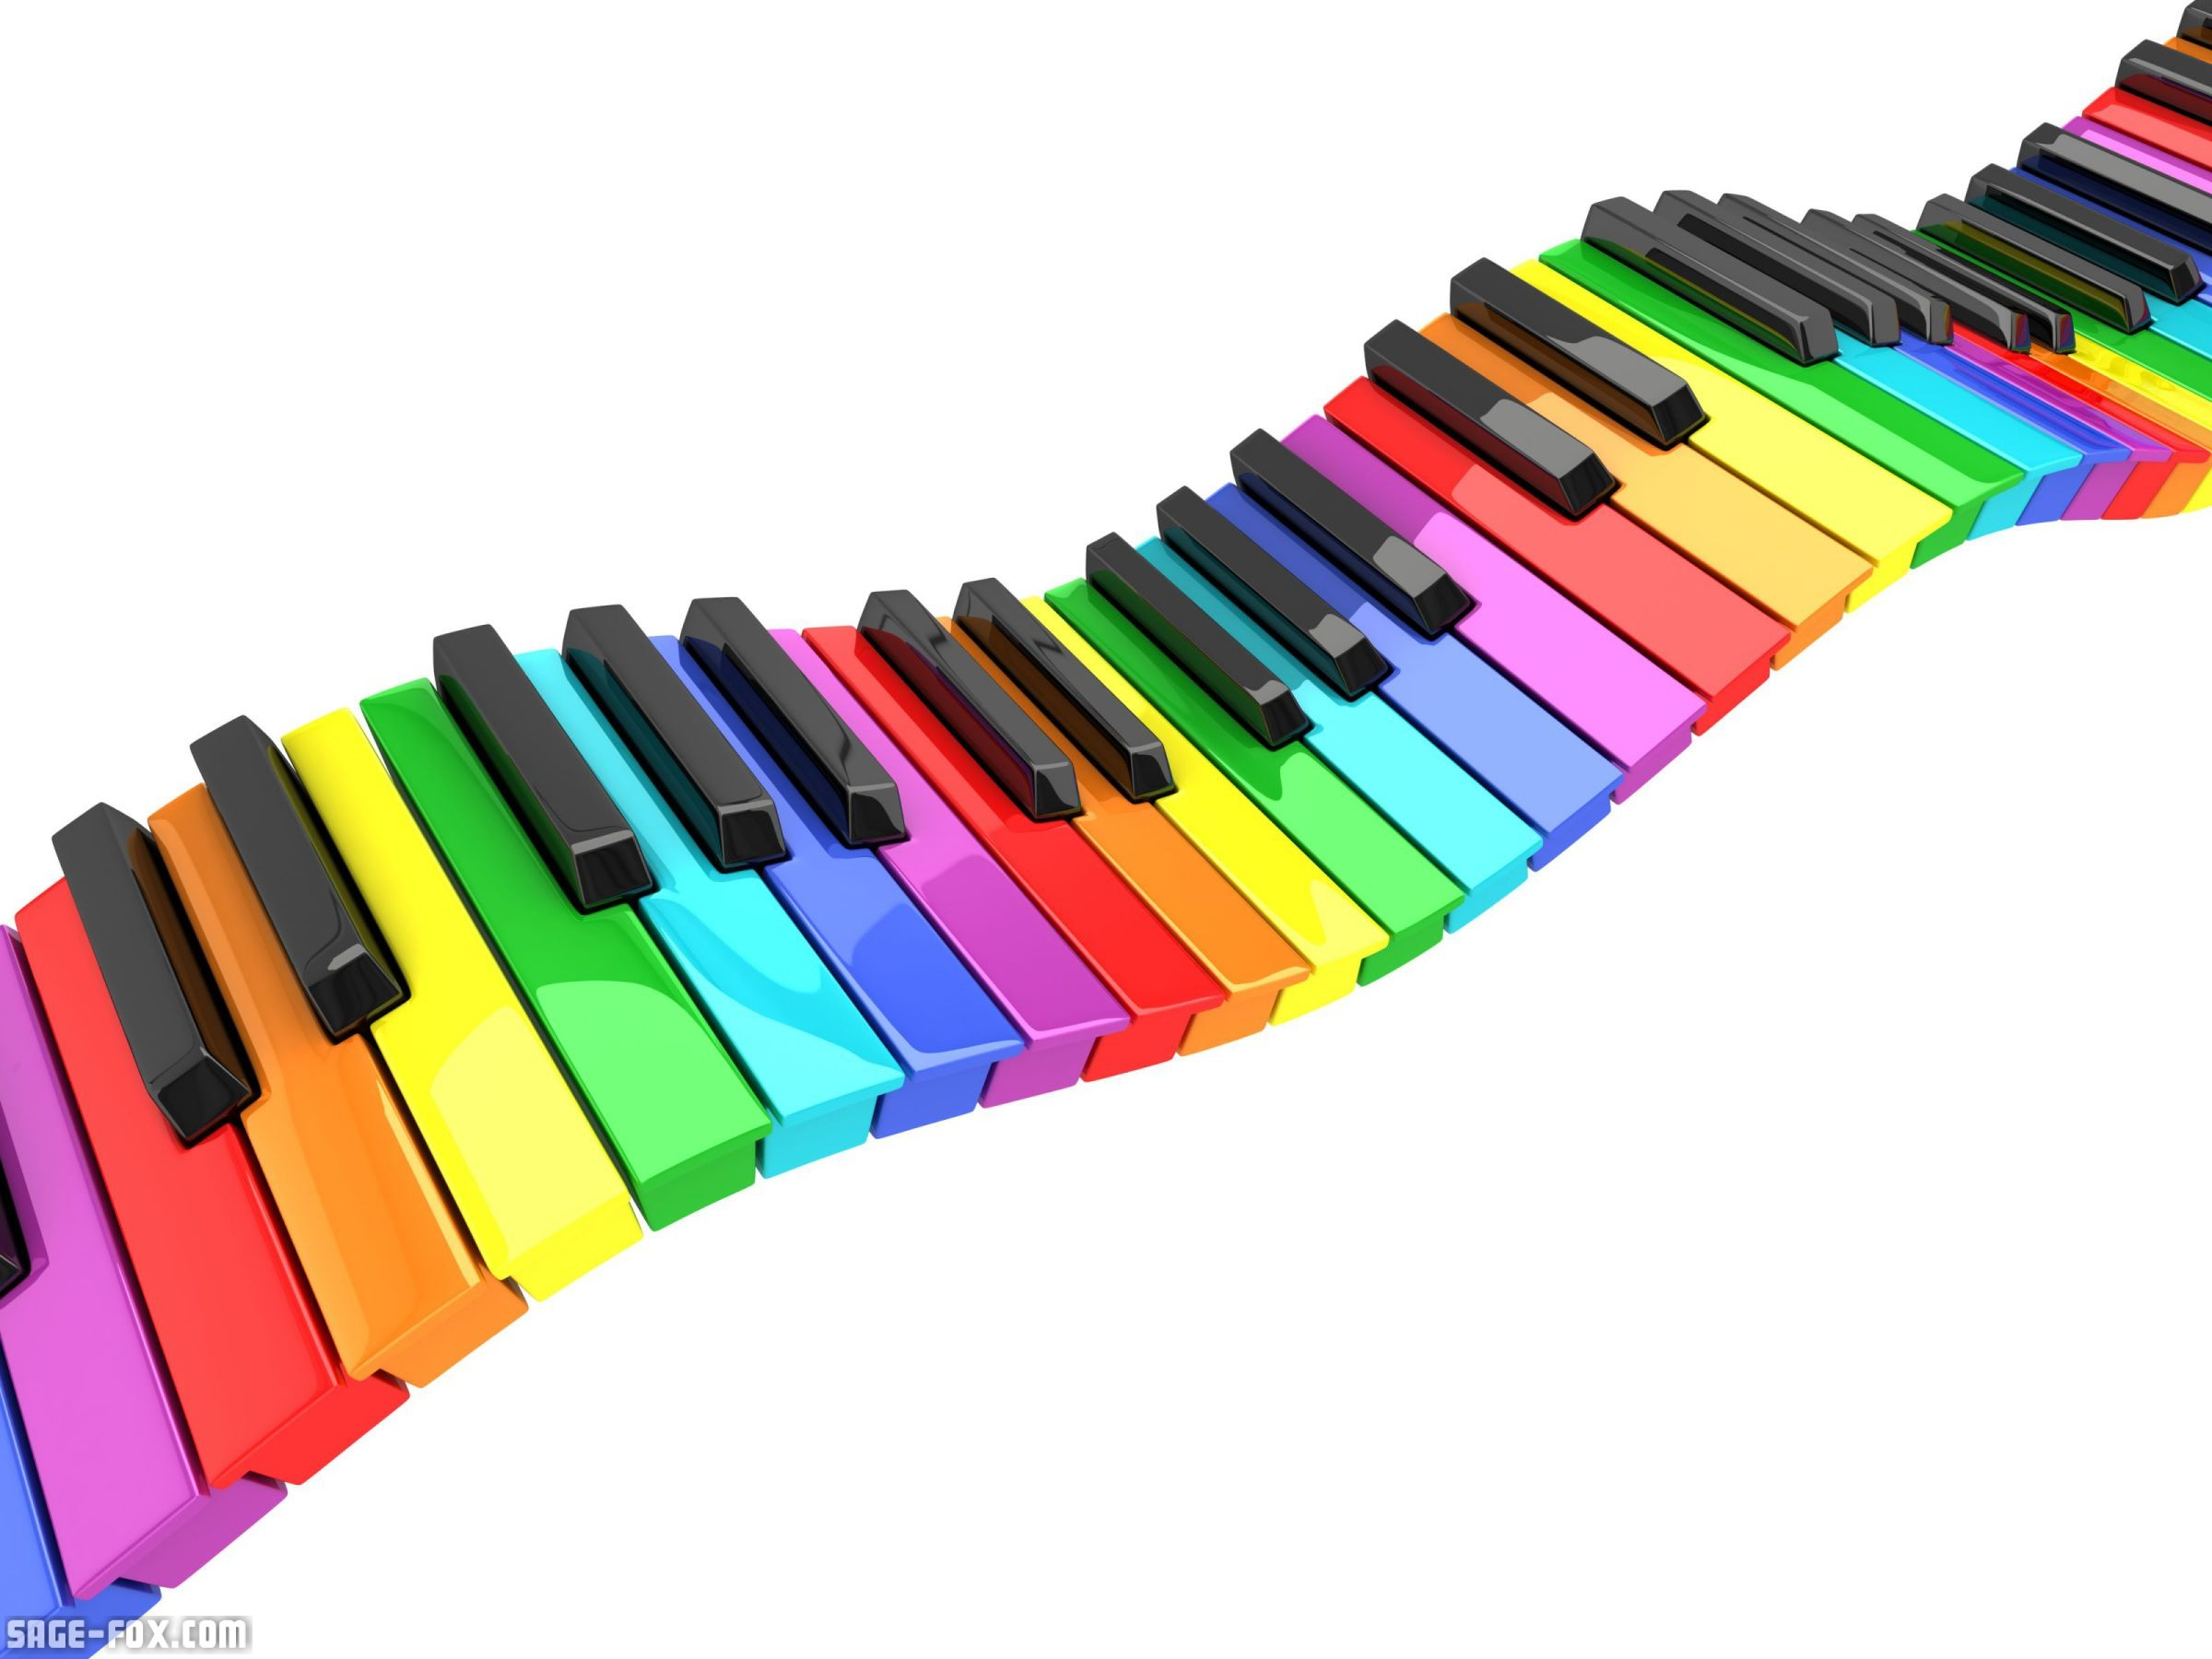 Piyano Kursu: Piyanonun Beyin Gelişimine Etkileri, Piyano ve Zeka